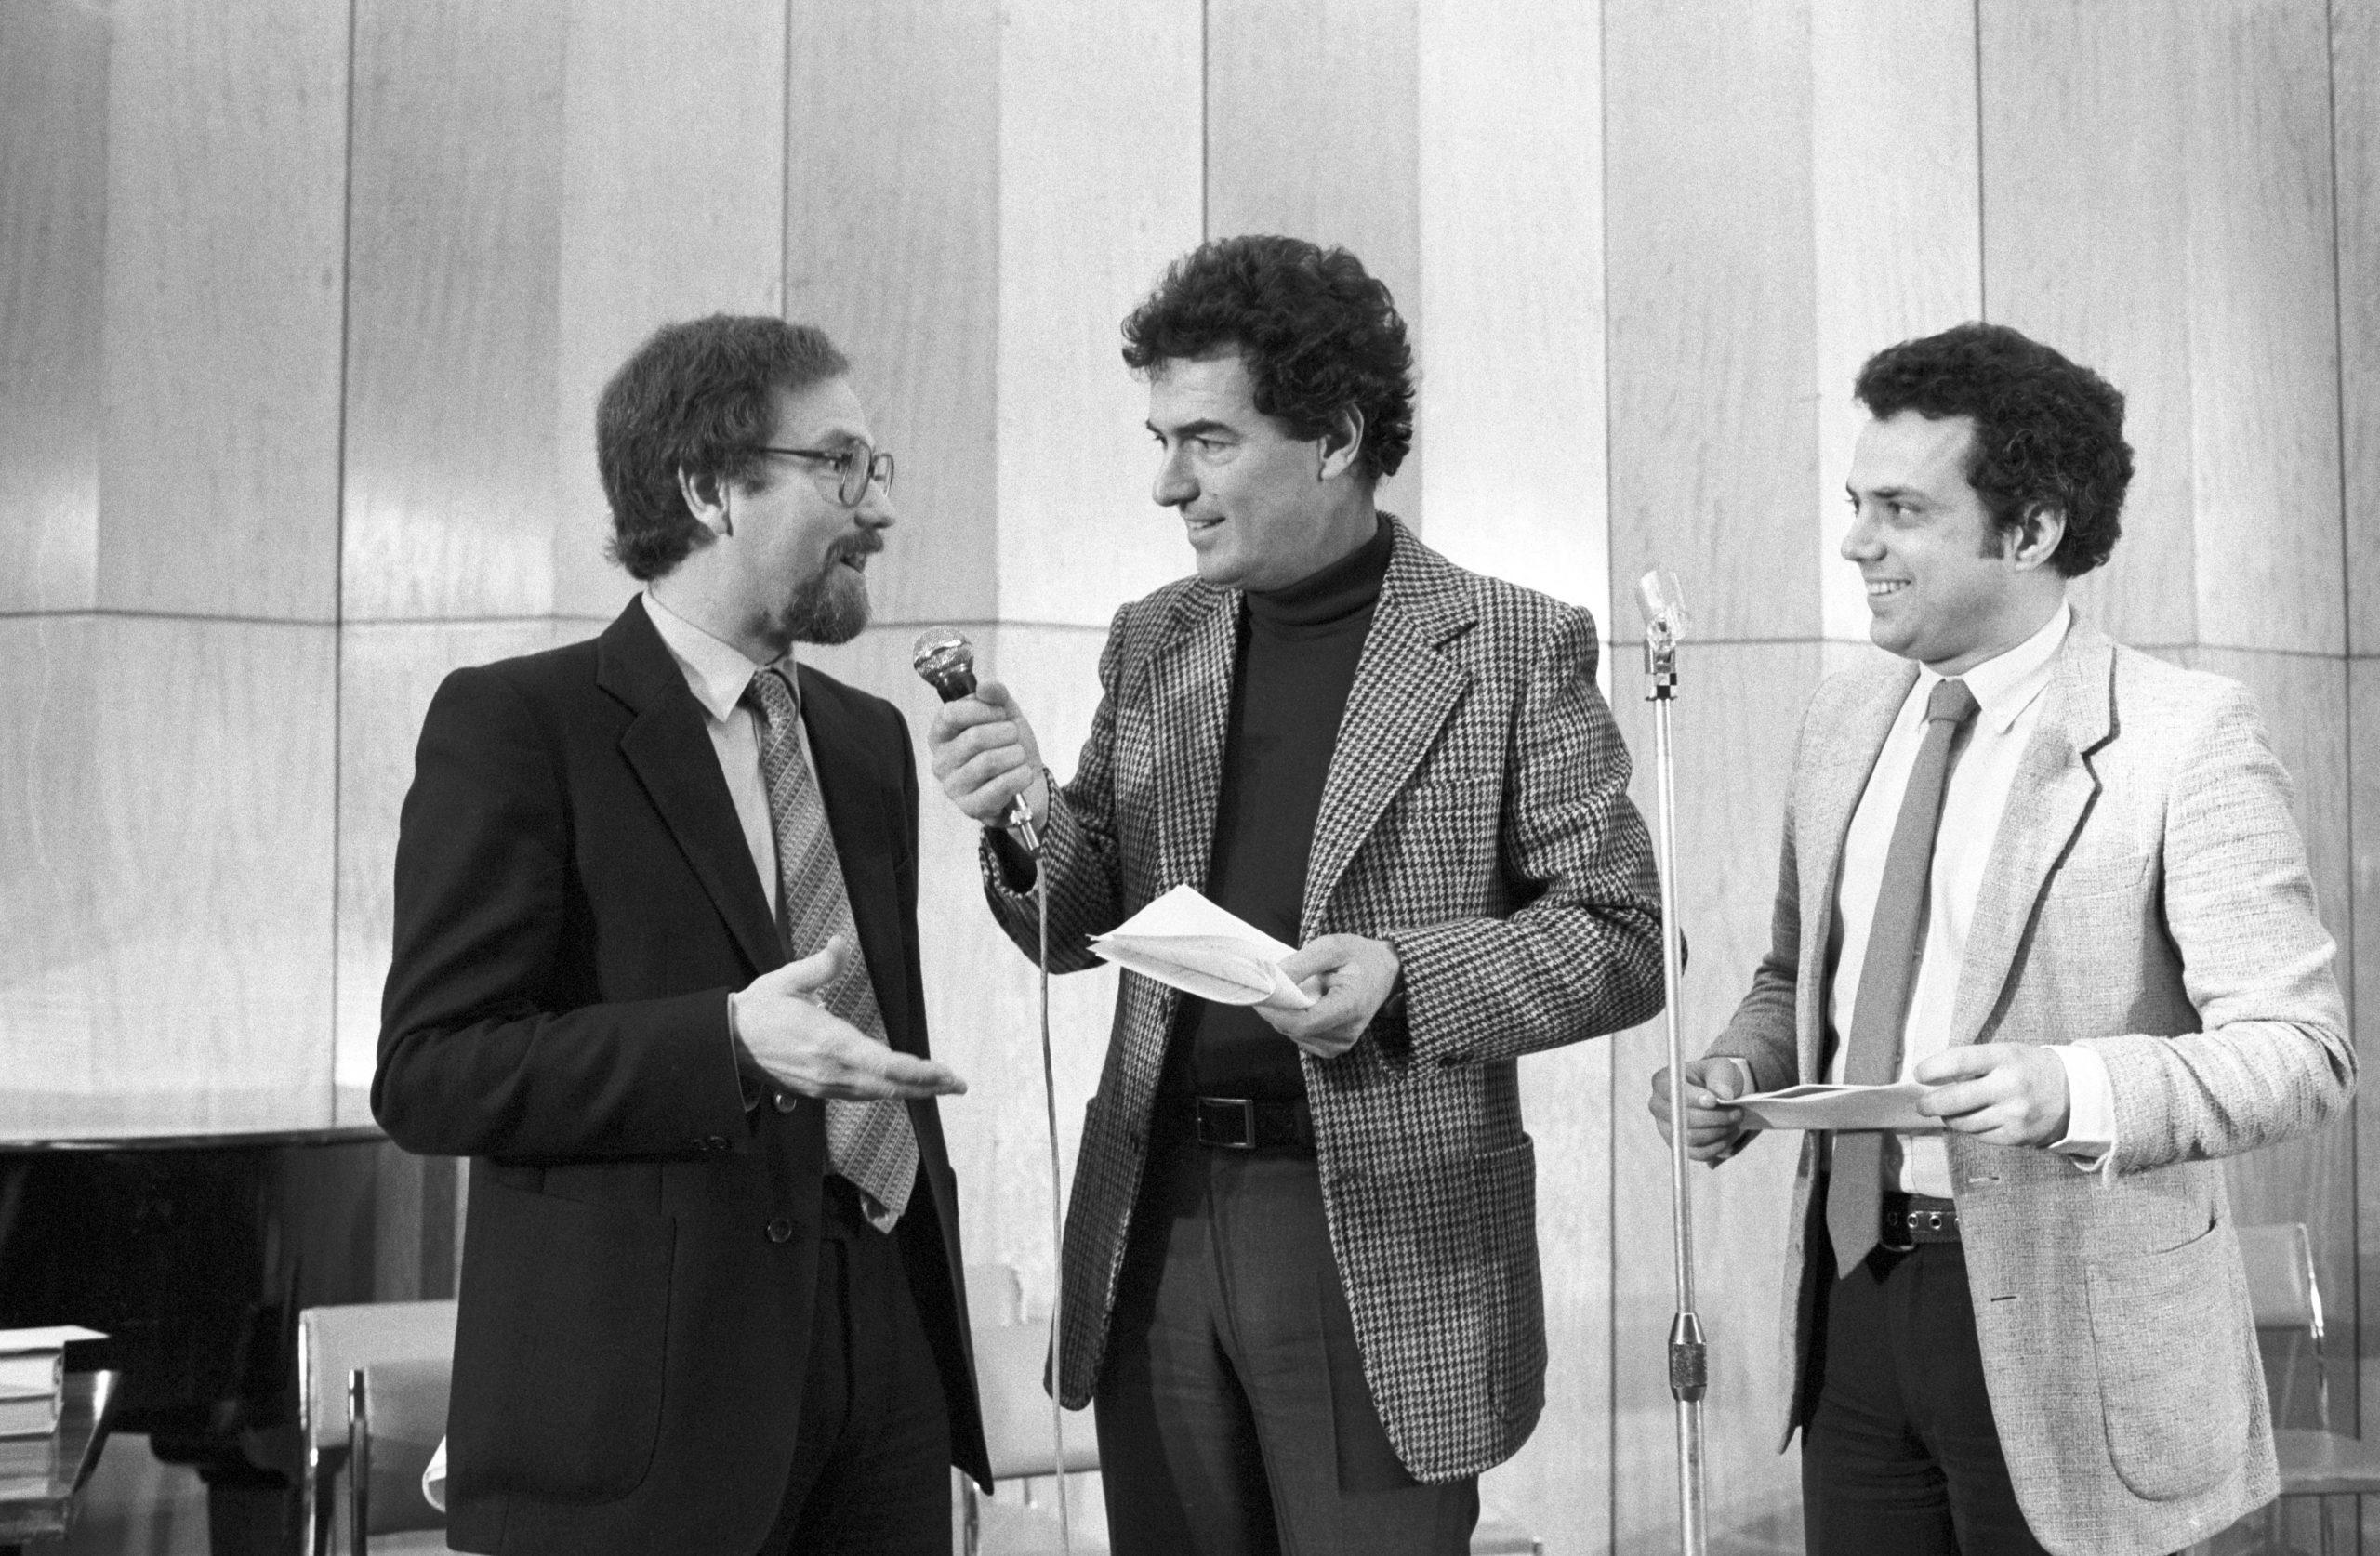 Vágó István, Szilágyi János és Rózsa György, a rádió és televízió népszerû riporter-játékvezetõi / Fotó: MTI